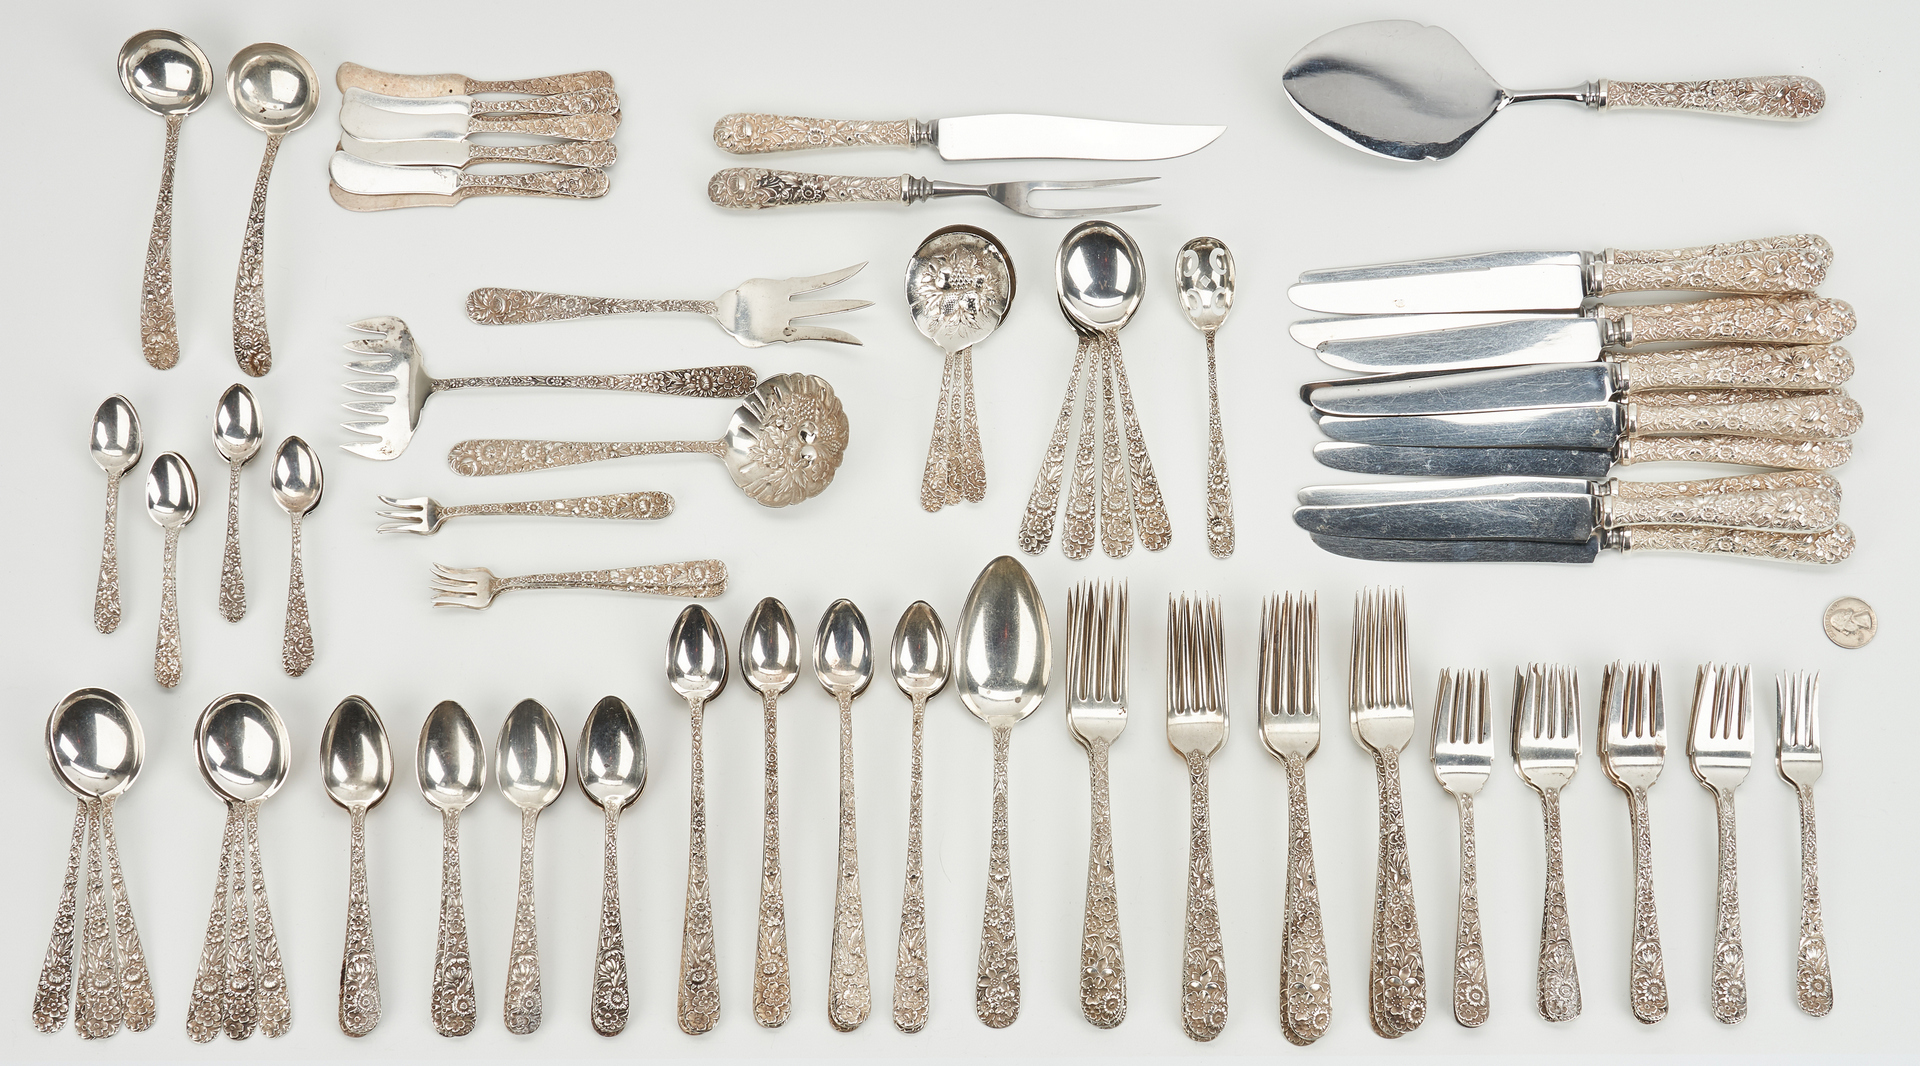 Lot 238: 114 Pcs. S. Kirk & Sons Repousse Flatware & 4 Gorham Nut Dishes